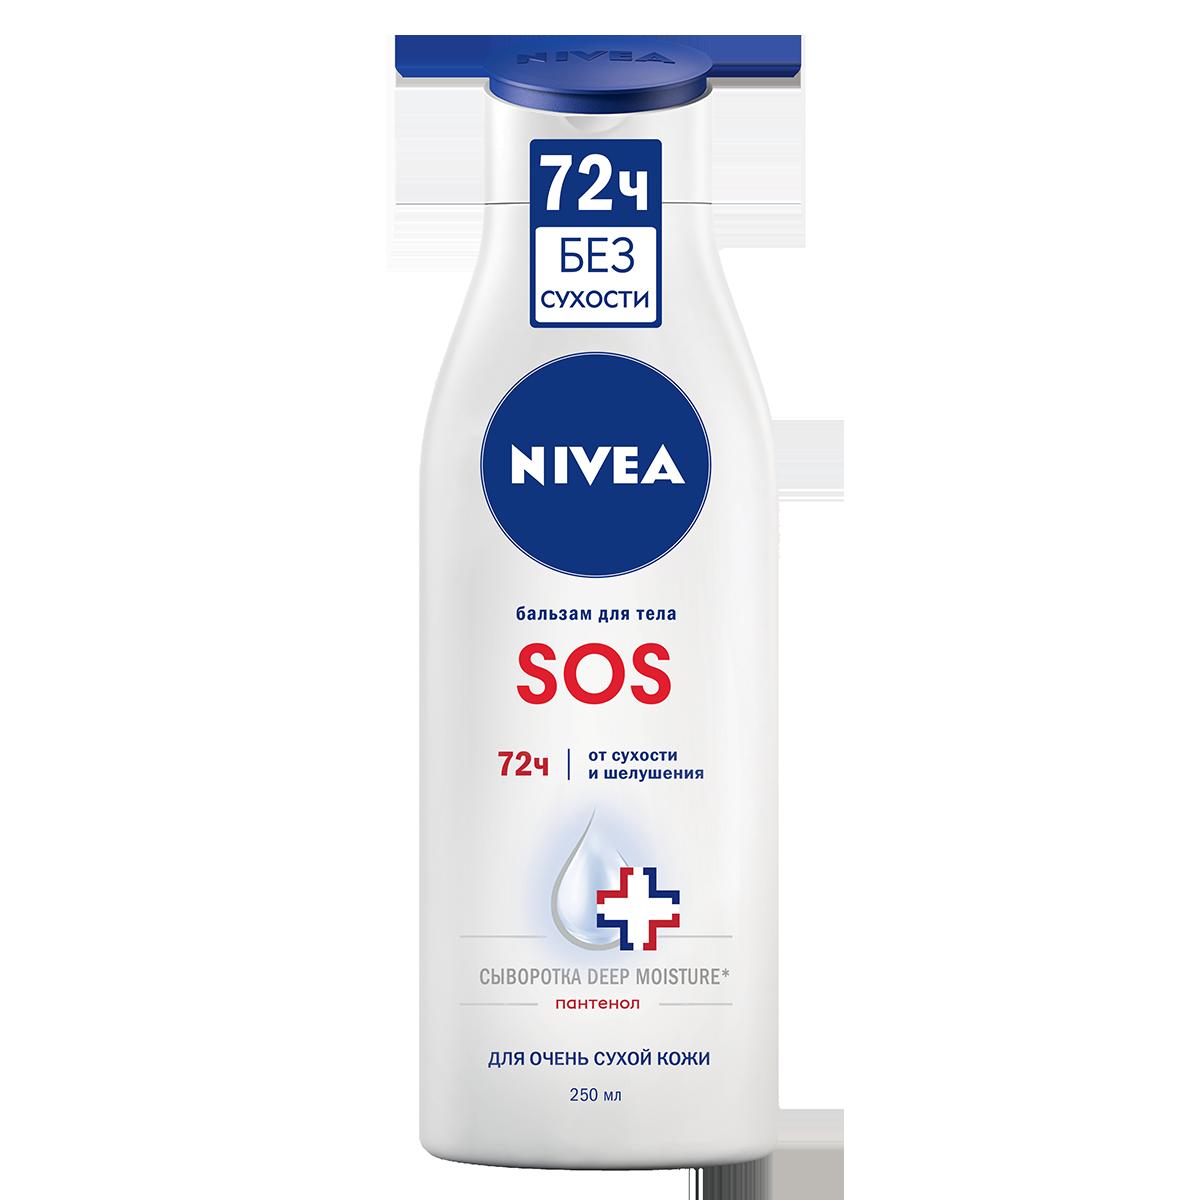 Средство для тела NIVEA Восстанавливающий SOS